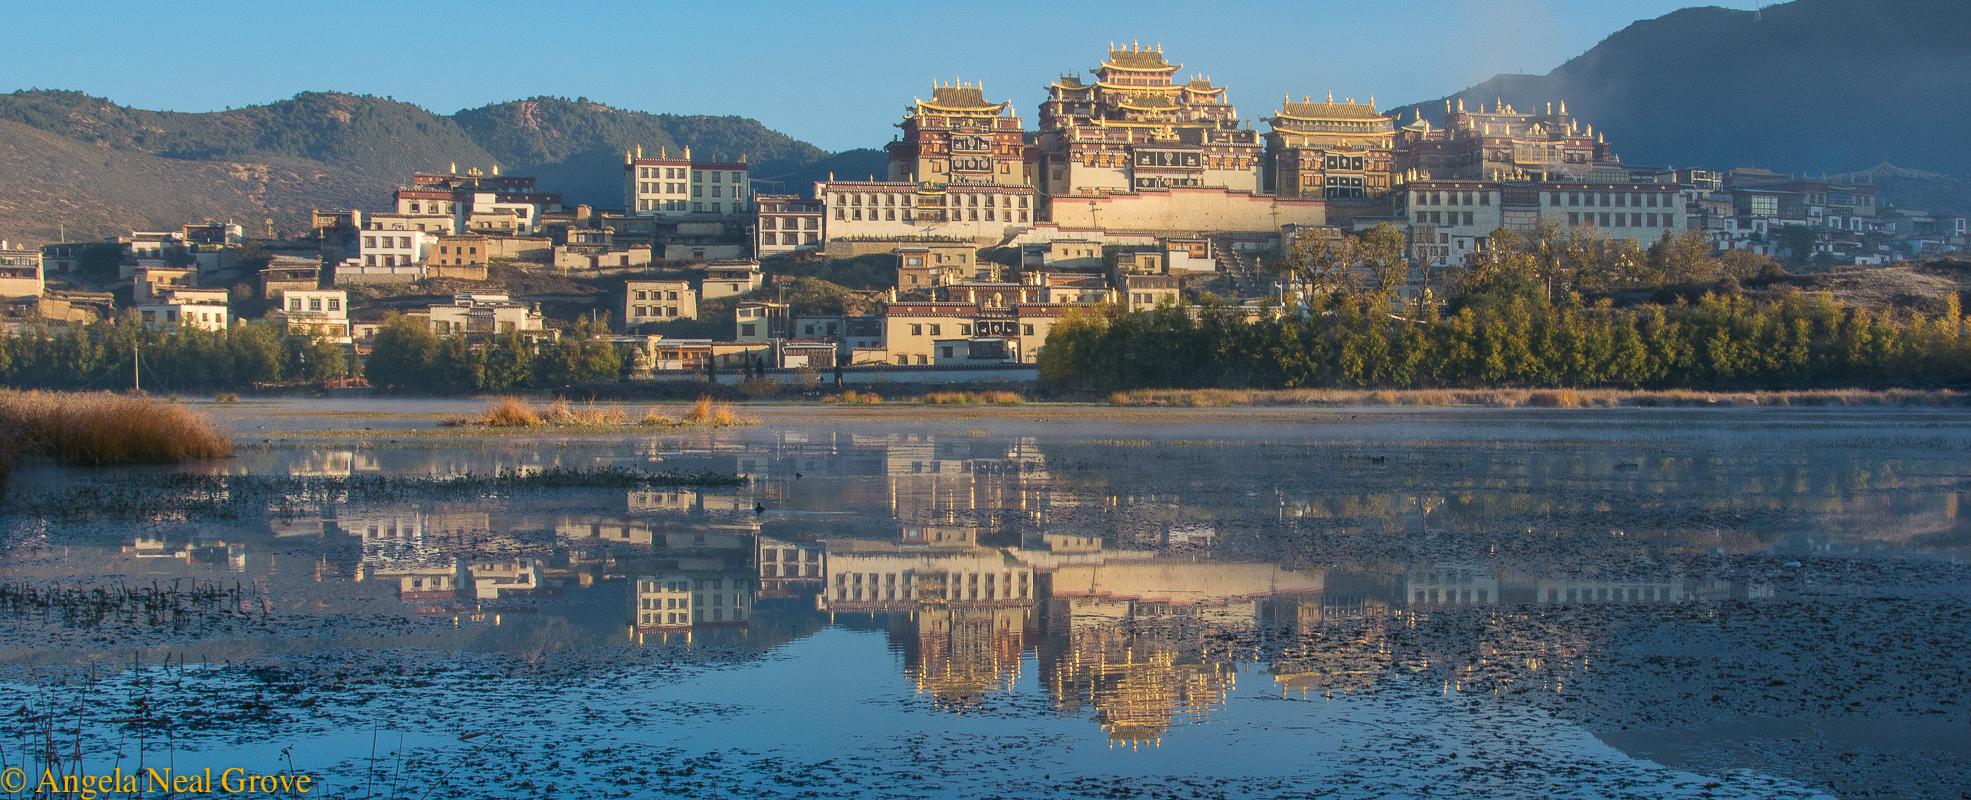 Shangri-La: Ganden Sumtseling Monastery, Shangri-la. Angela Neal Grove